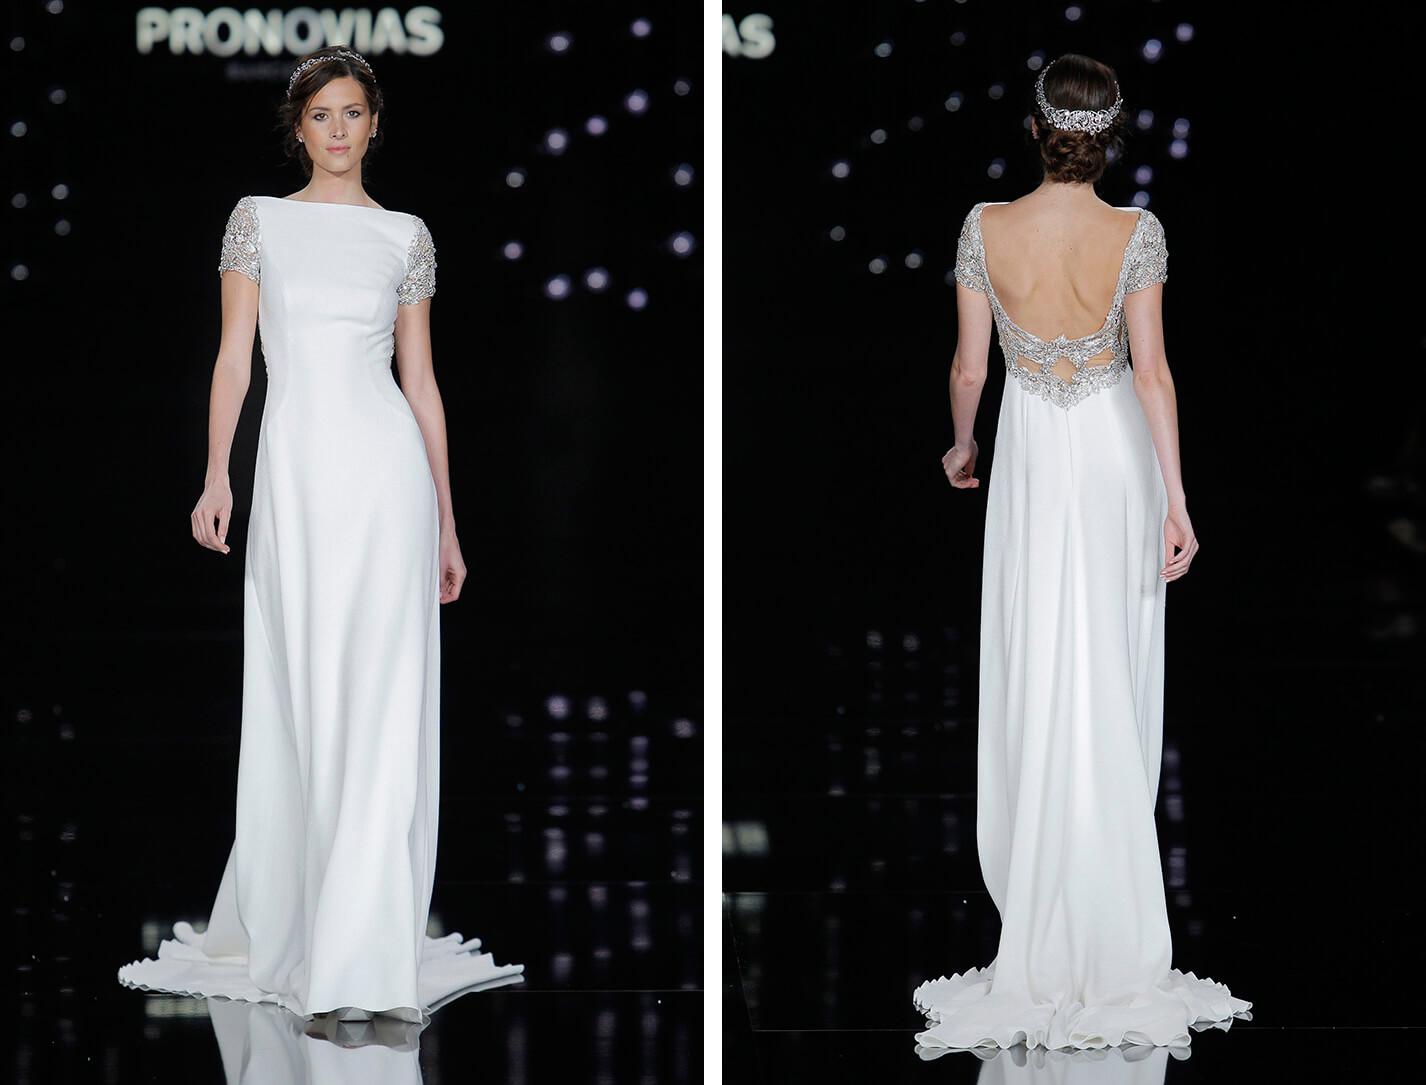 PRONOVIAS_Fashion_Show_2017_Emery